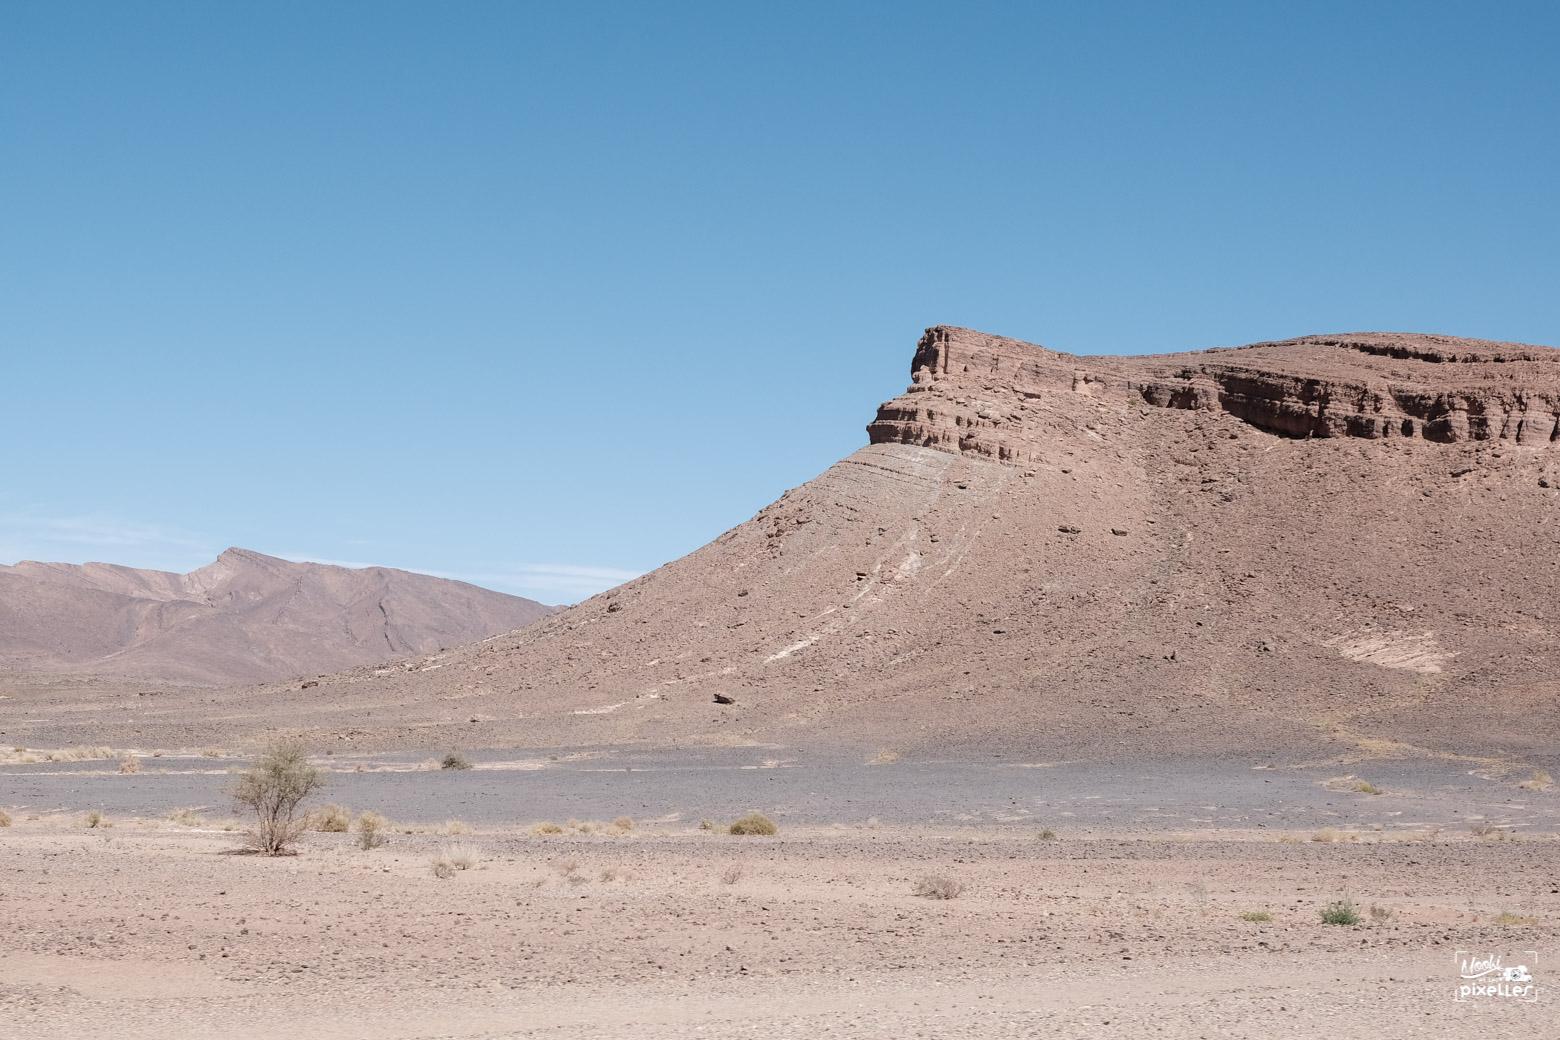 Désert montagneux au maroc